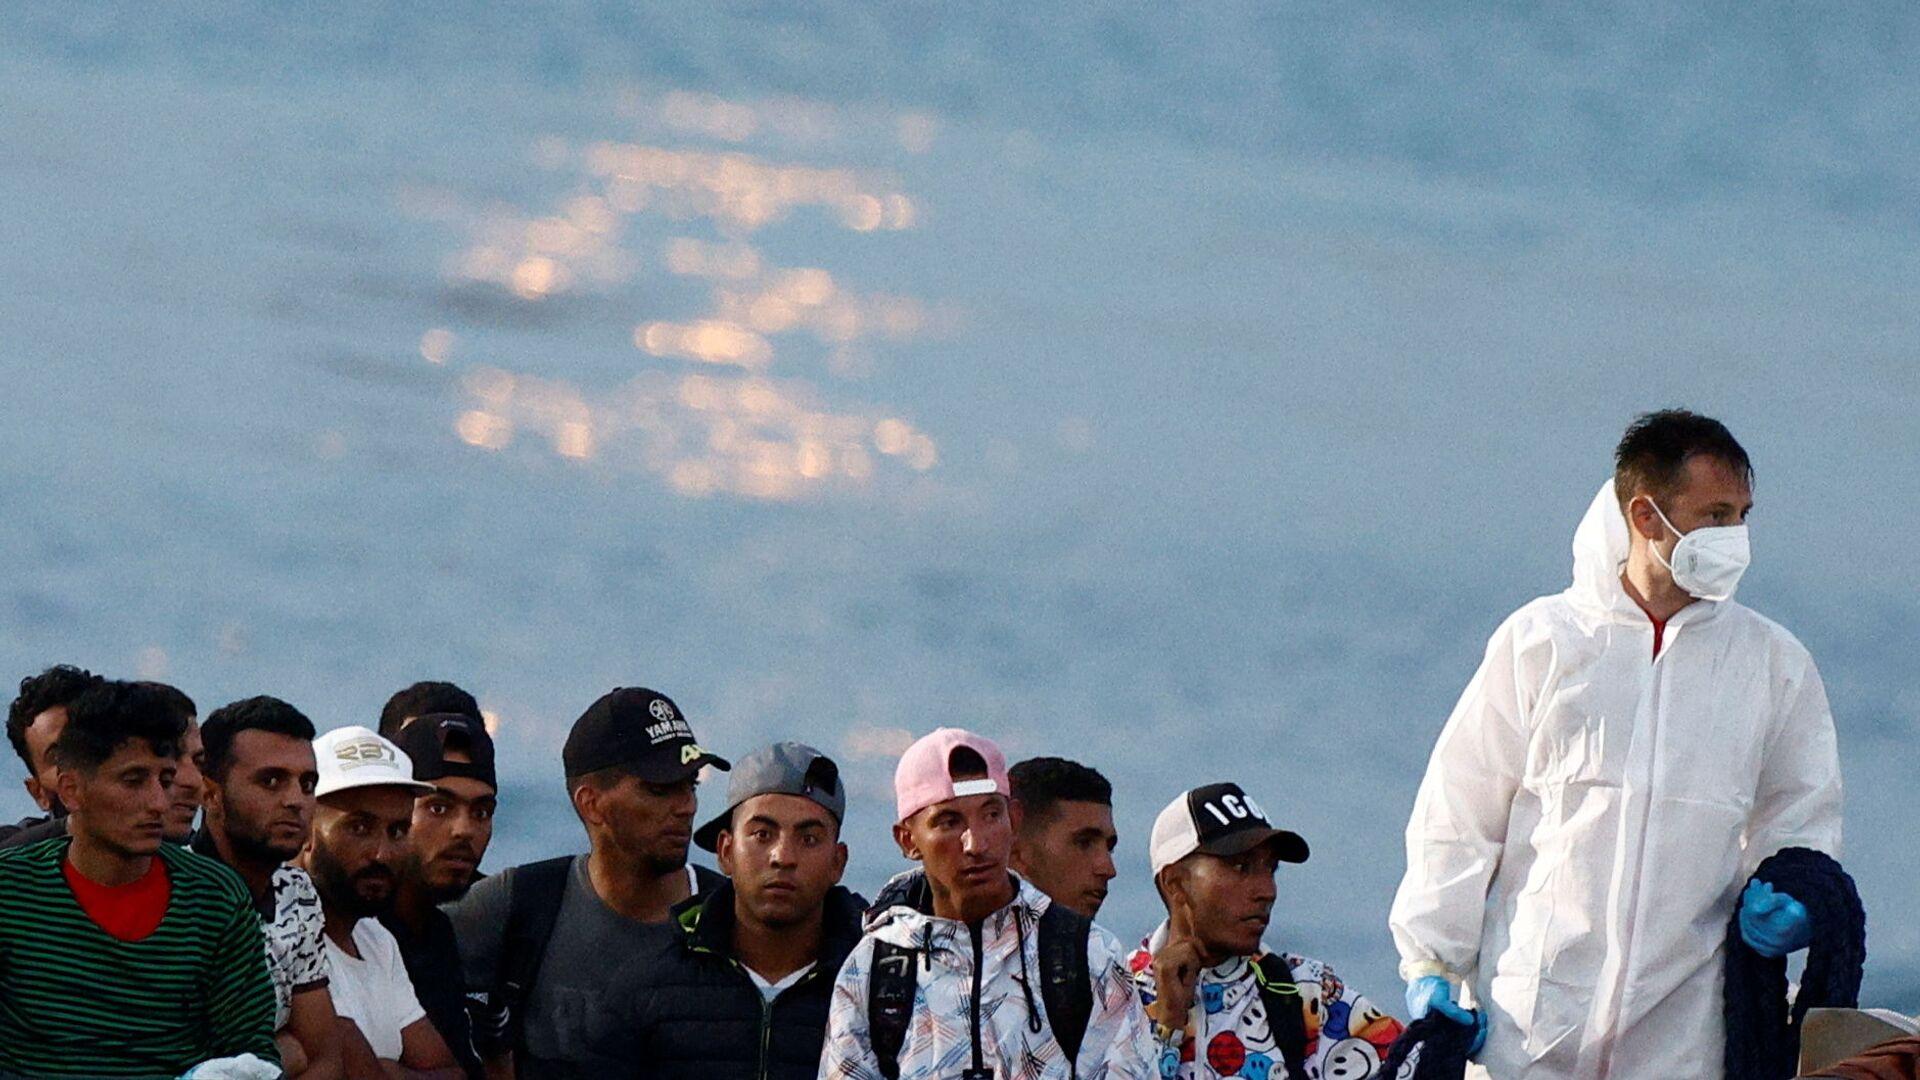 Мигранты сидят в итальянском катере береговой охраны перед высадкой на сицилийском острове Лампедуза, Италия - Sputnik Italia, 1920, 14.07.2021